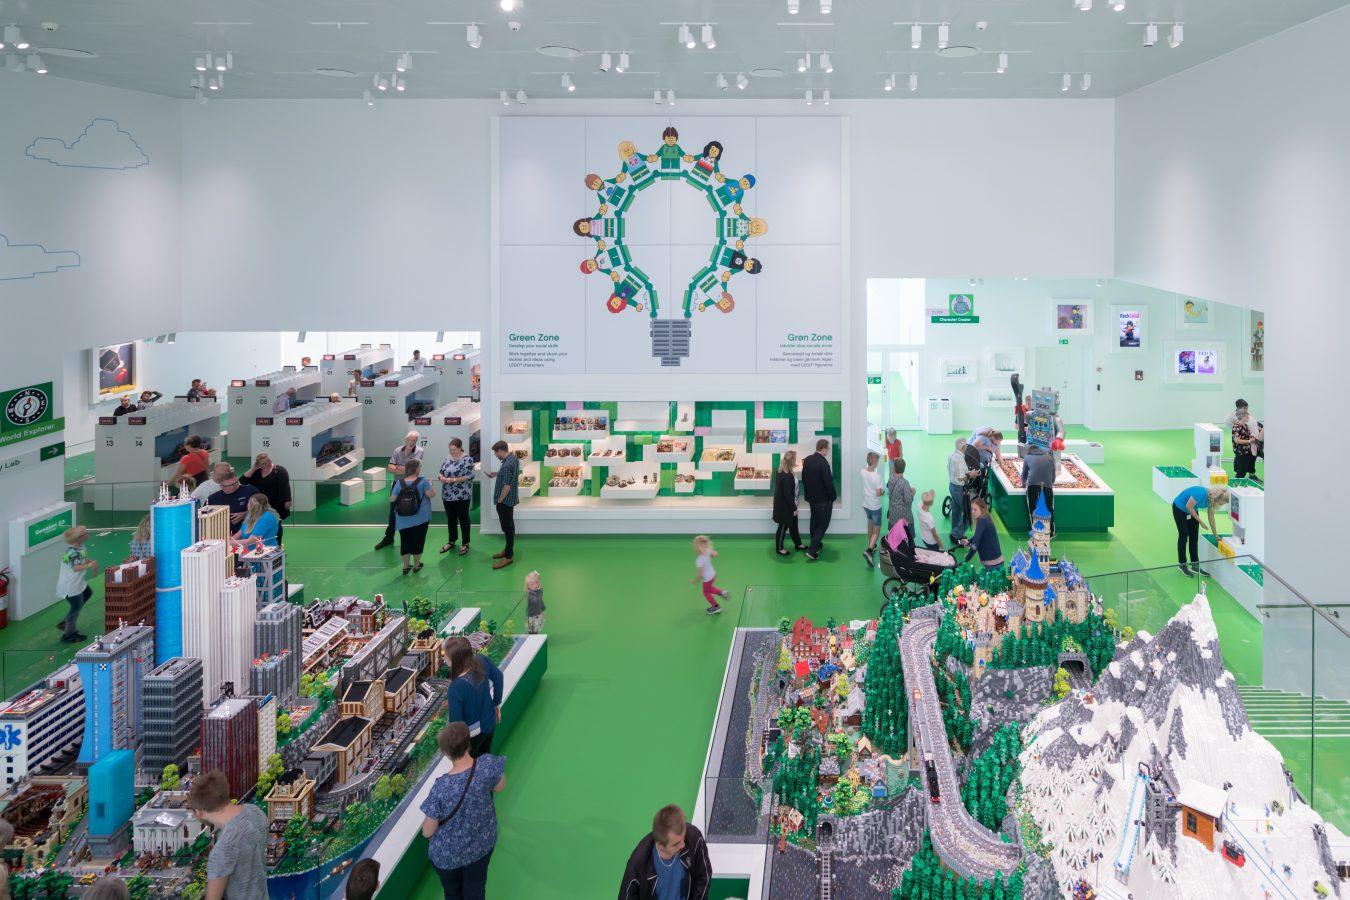 sala verde de lego house que estimula las habilidades sociales